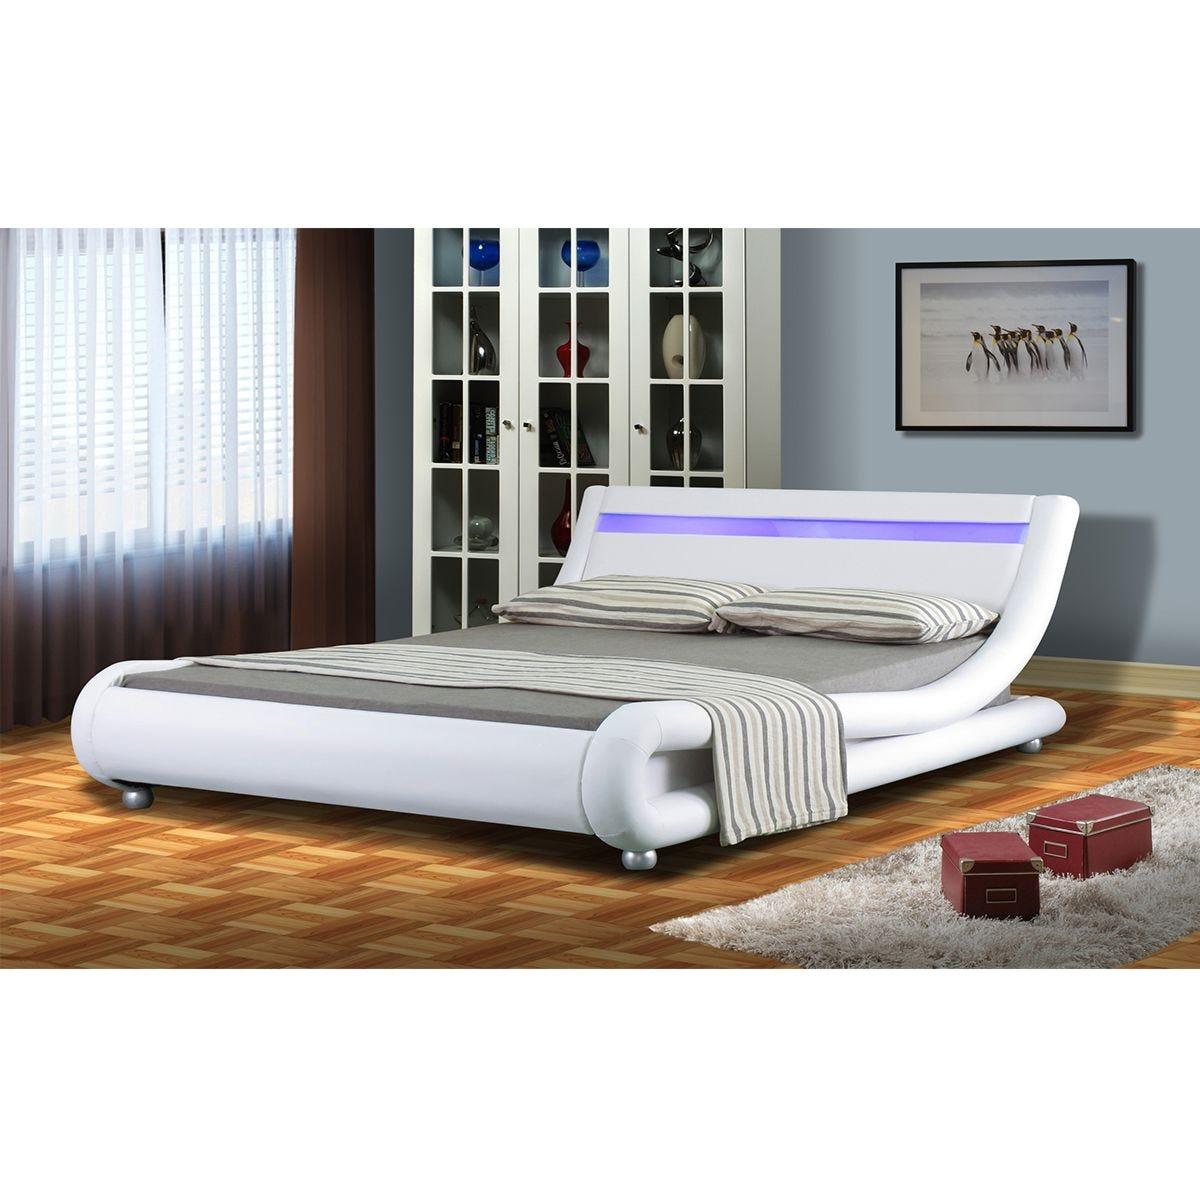 Chase LED Bed Frame - White